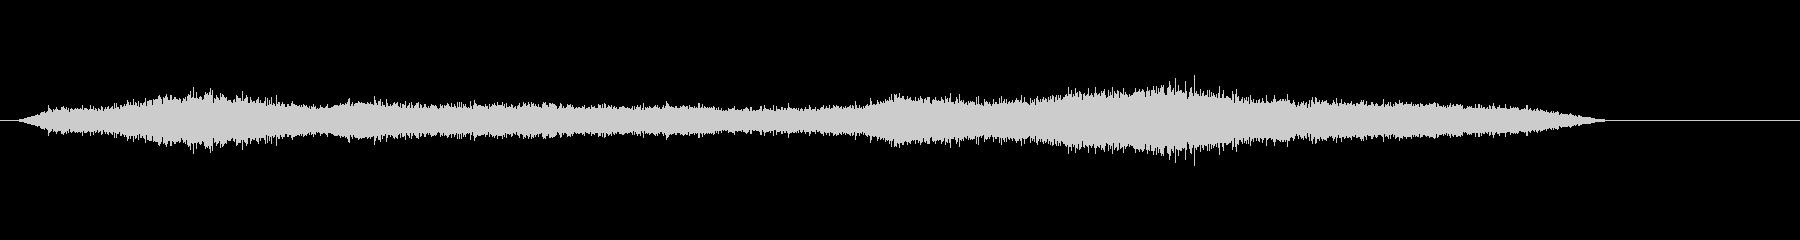 群集(30、000):ホイッスル/...の未再生の波形